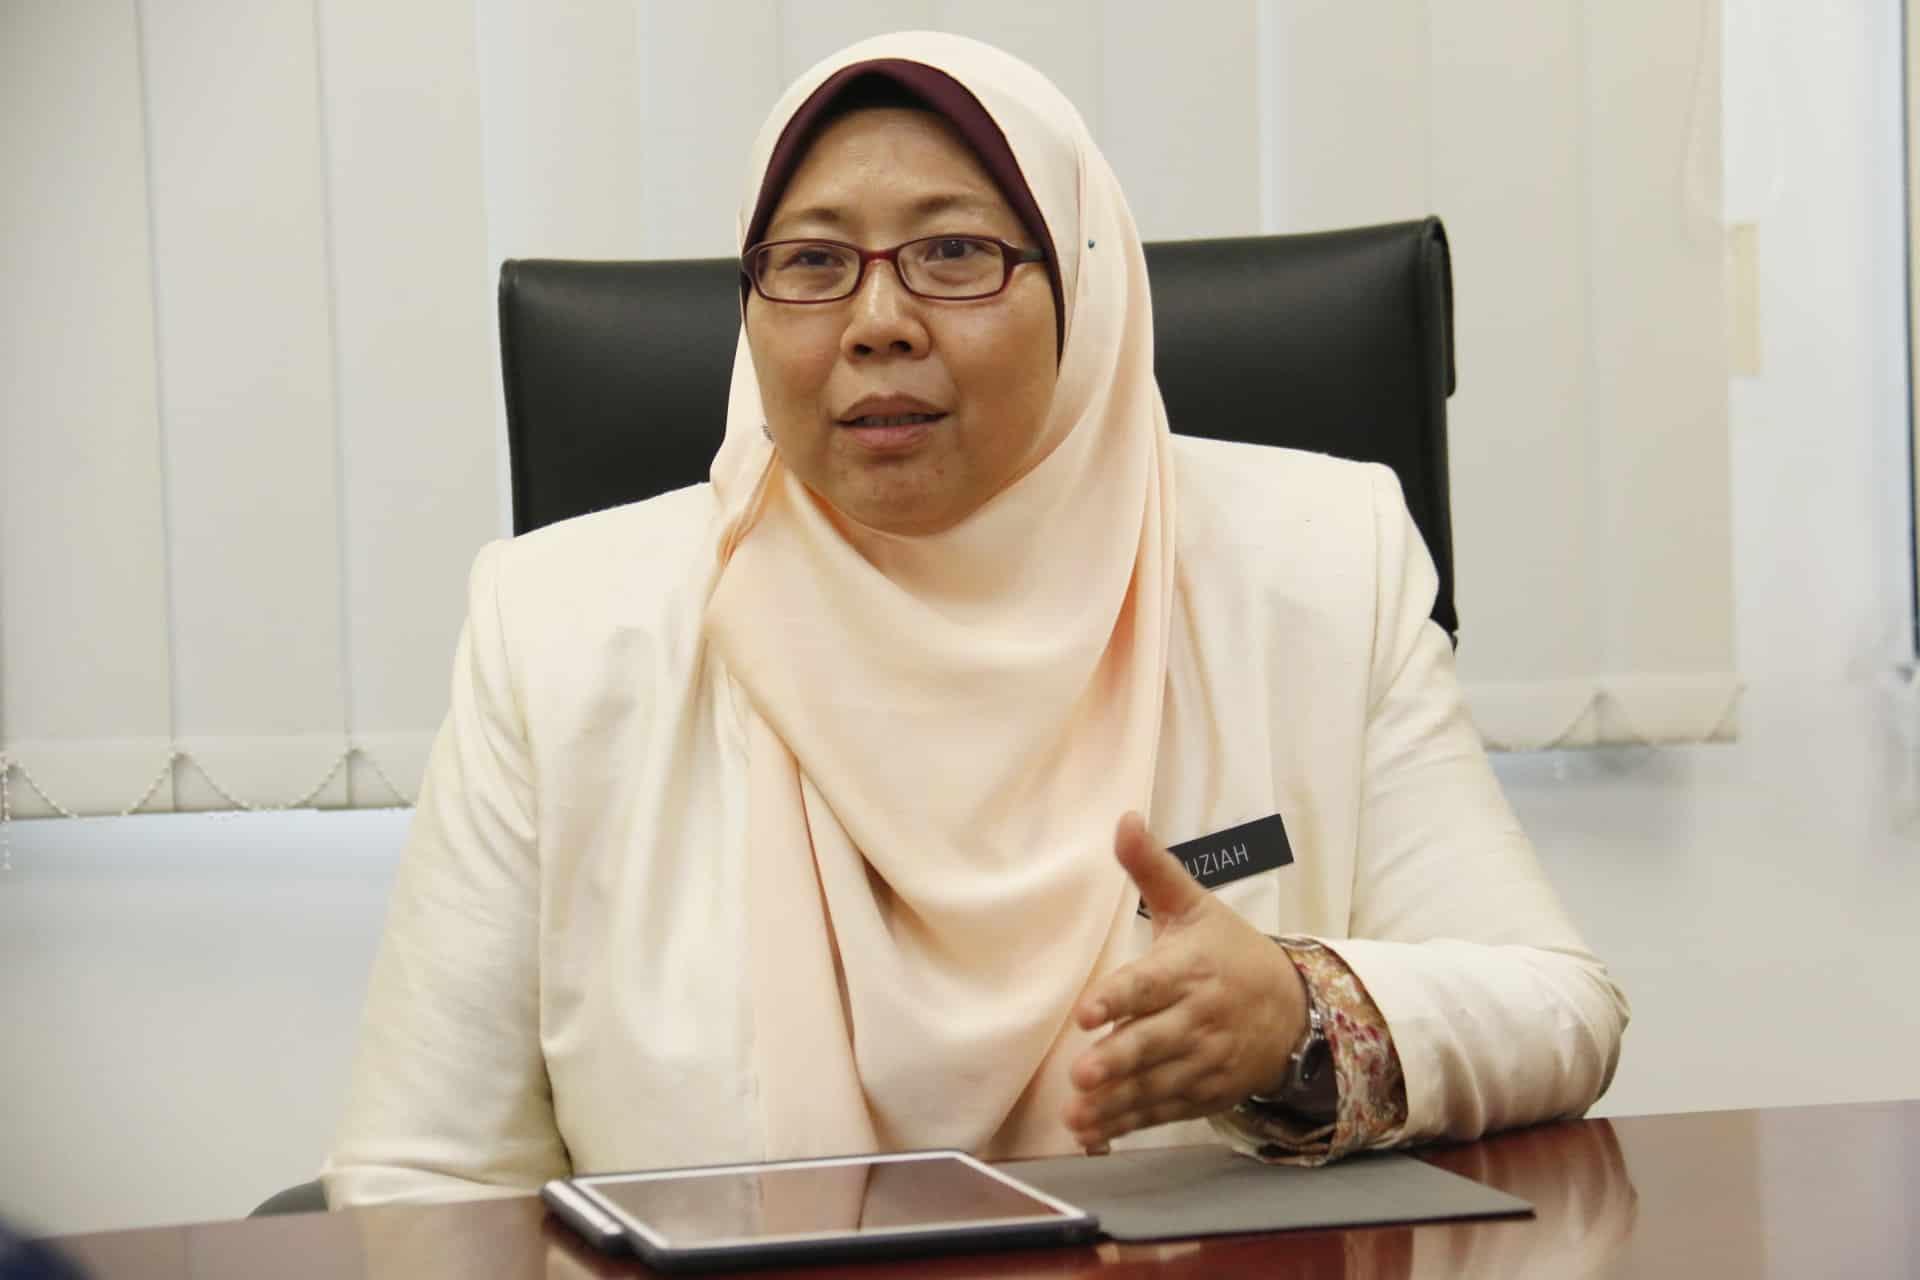 Pensijilan Halal: Jangan tuduh tanpa bukti pegawai Jakim tiada integriti